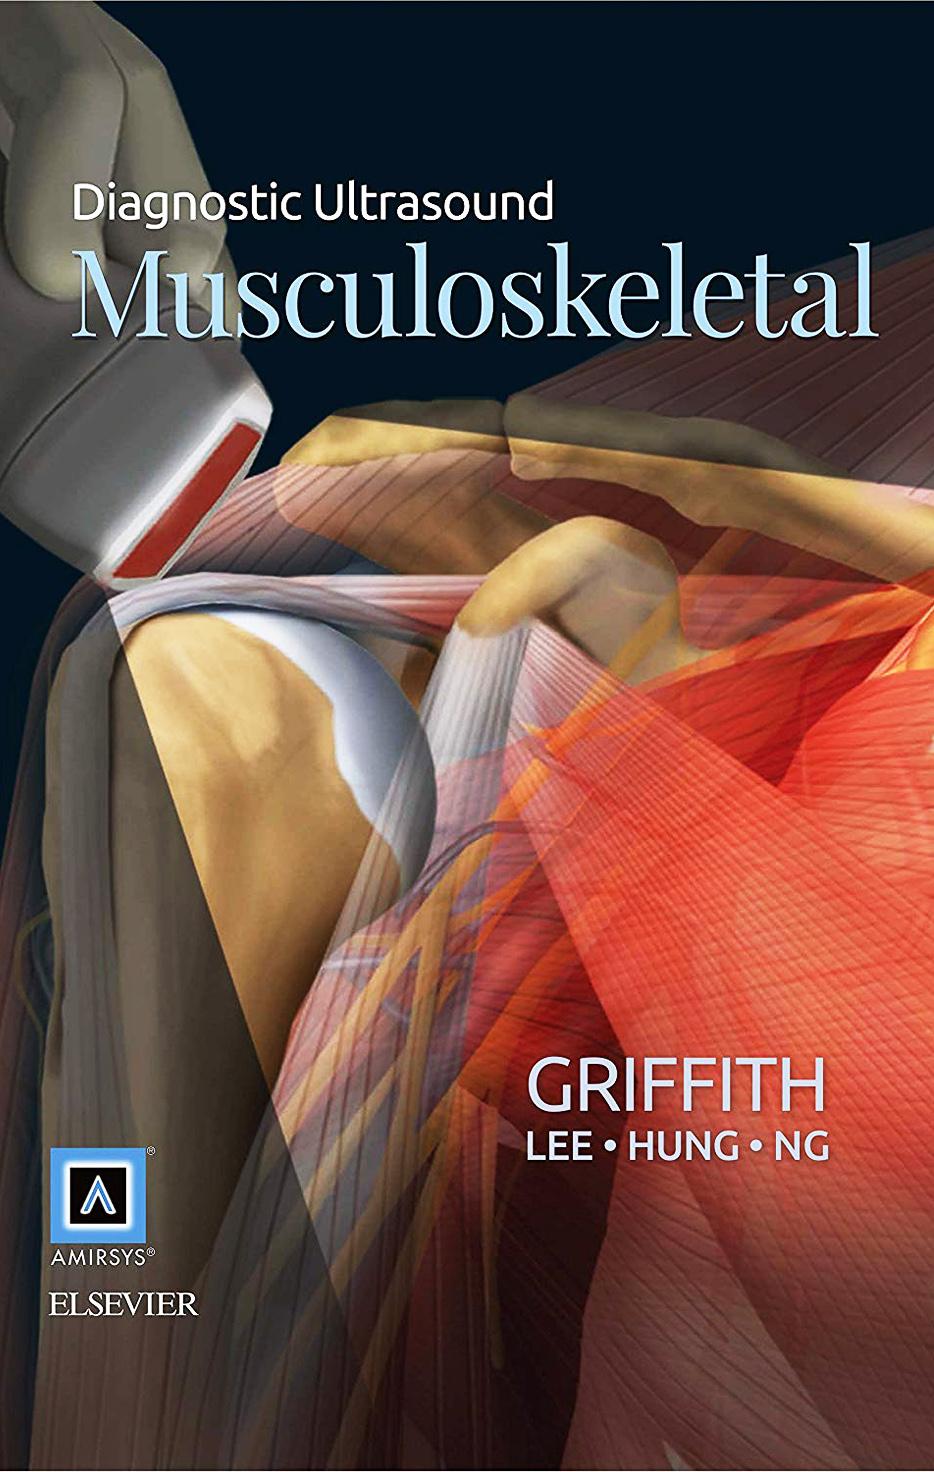 [PDF] Diagnostic Ultrasound Musculoskeletal 2015